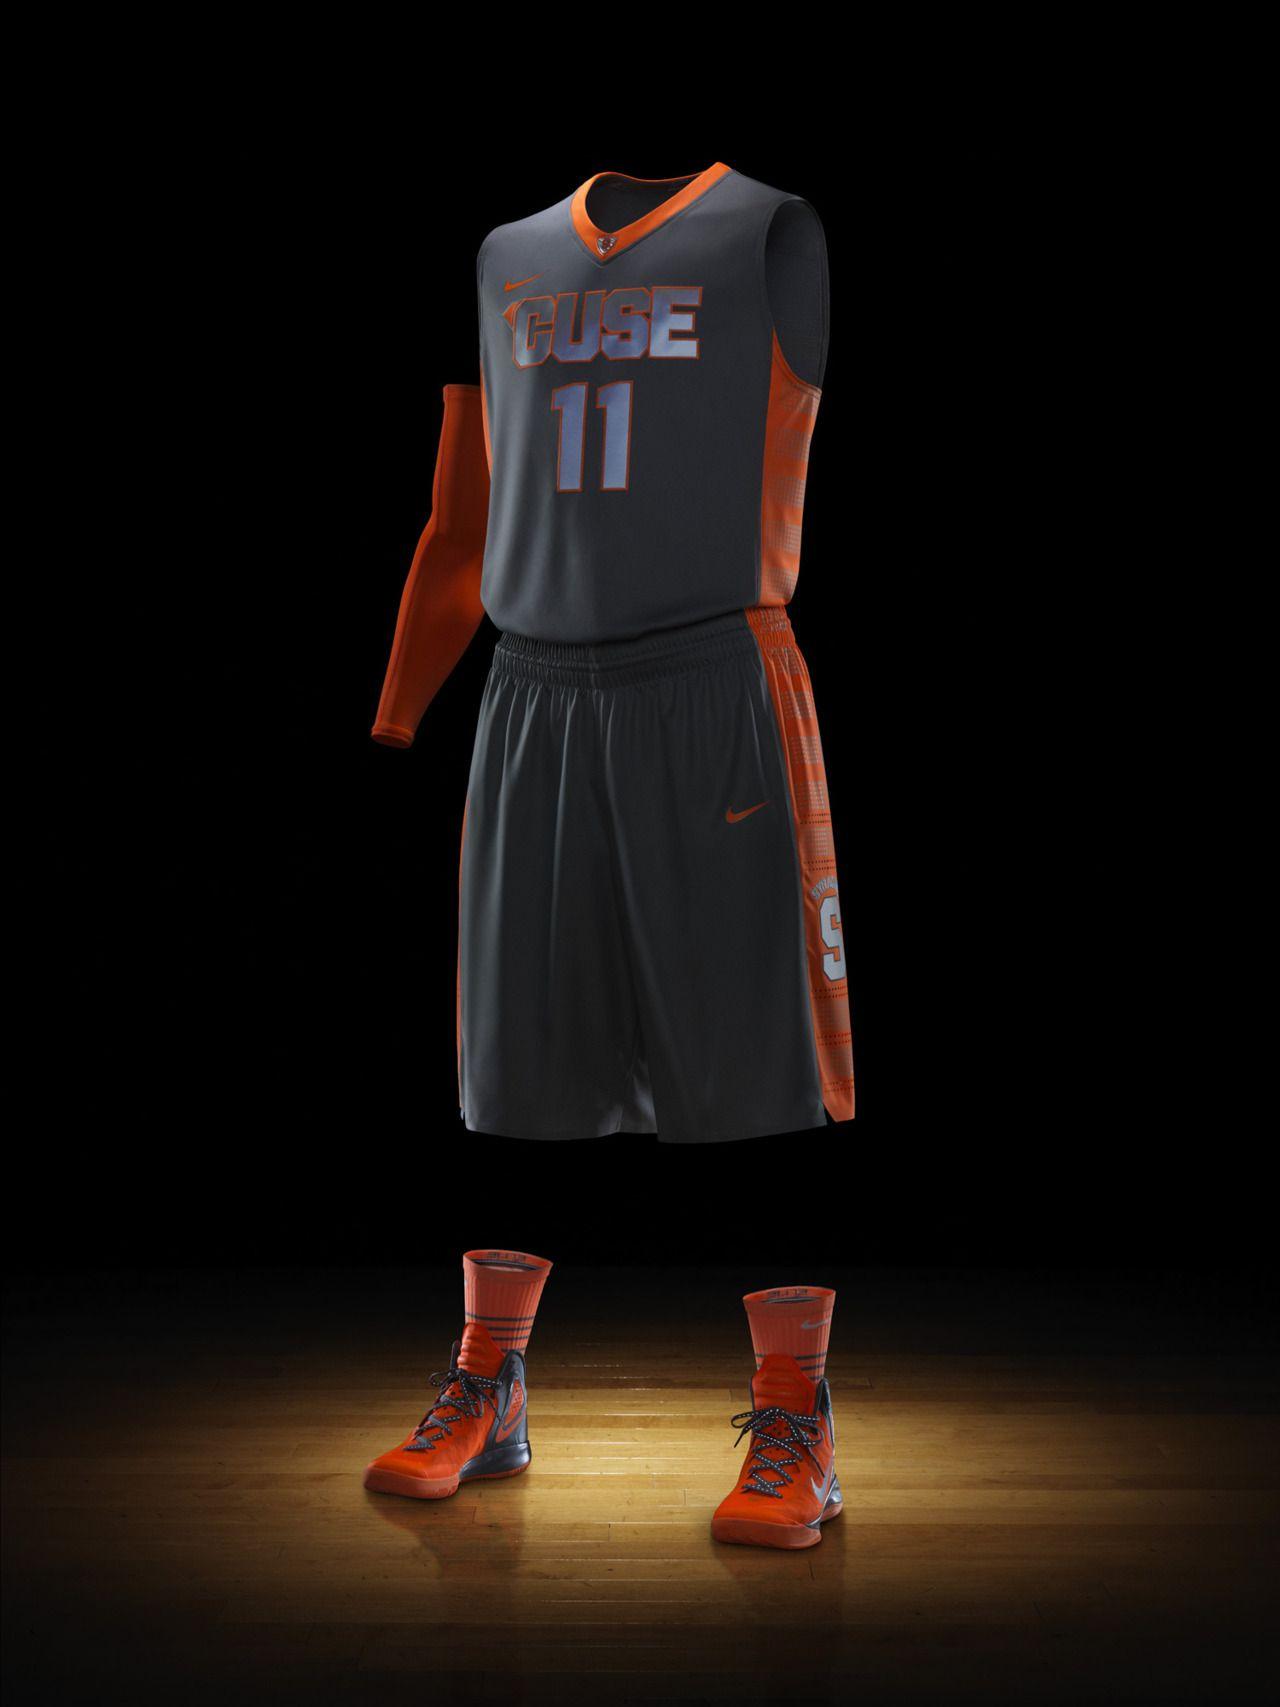 c943825d4ed3 real lebron 13 university rouge uniforms 043fd 70a00